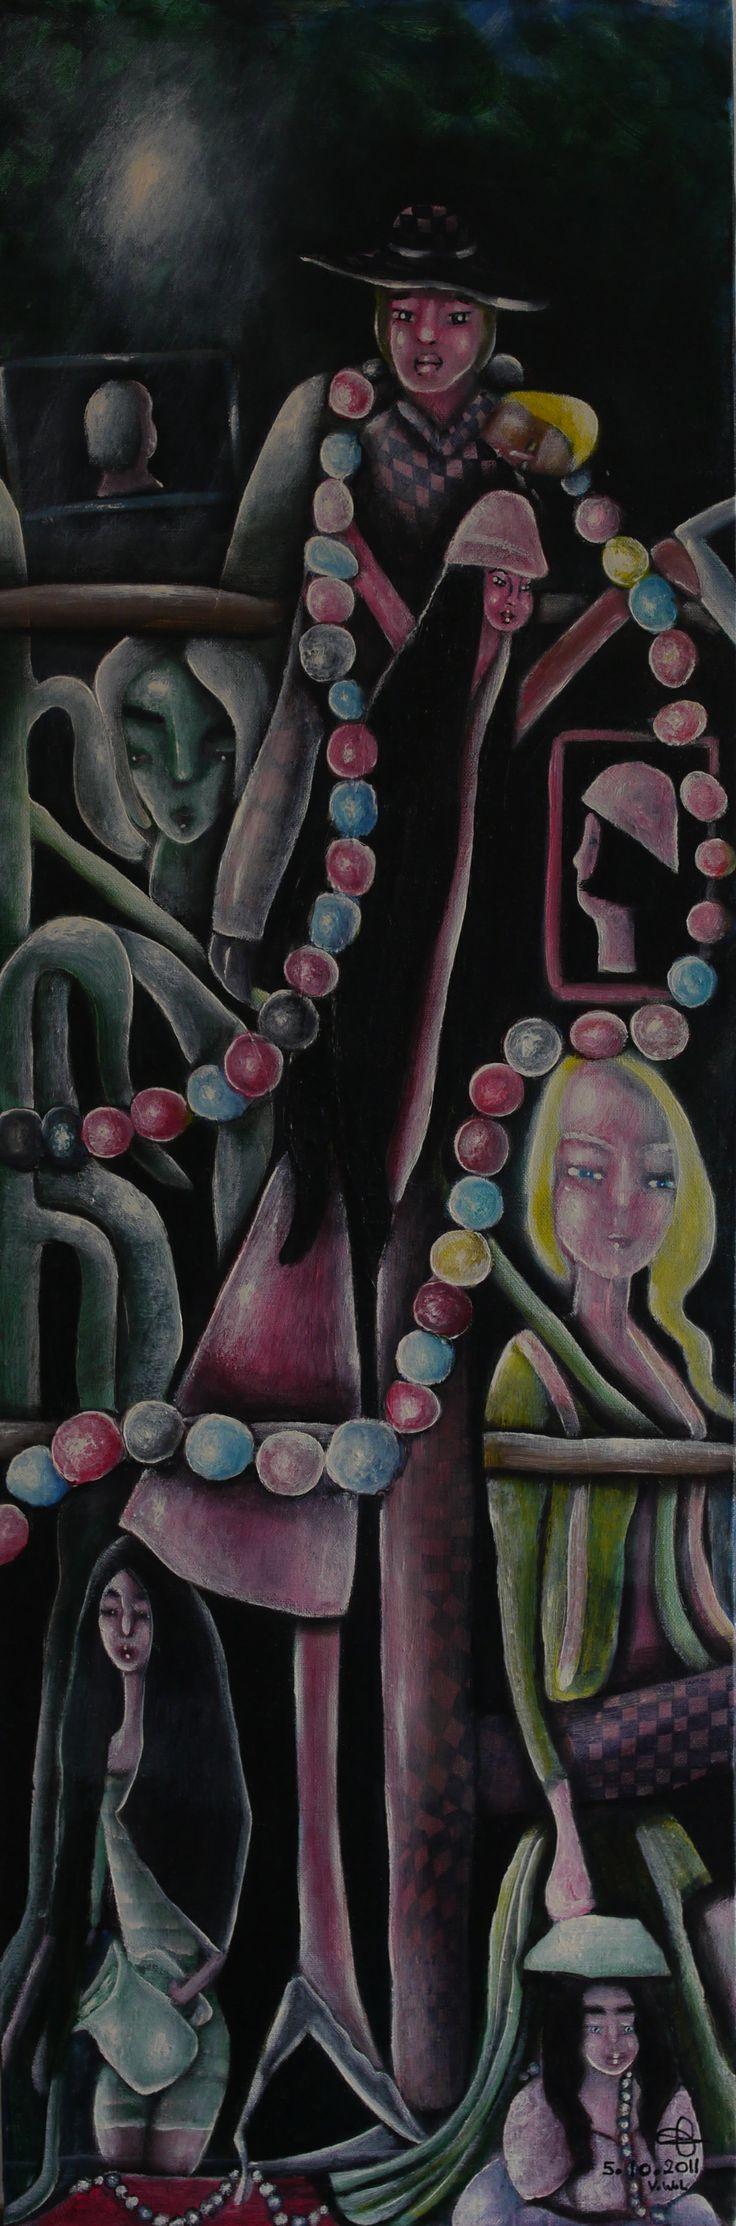 """VWL/Twen/006 (Paris 2011  """"Twenties Party"""")- Acrylic on canvas/ Acrylique sur  toile/Acrylico  sobre tela  (30X90cm)"""